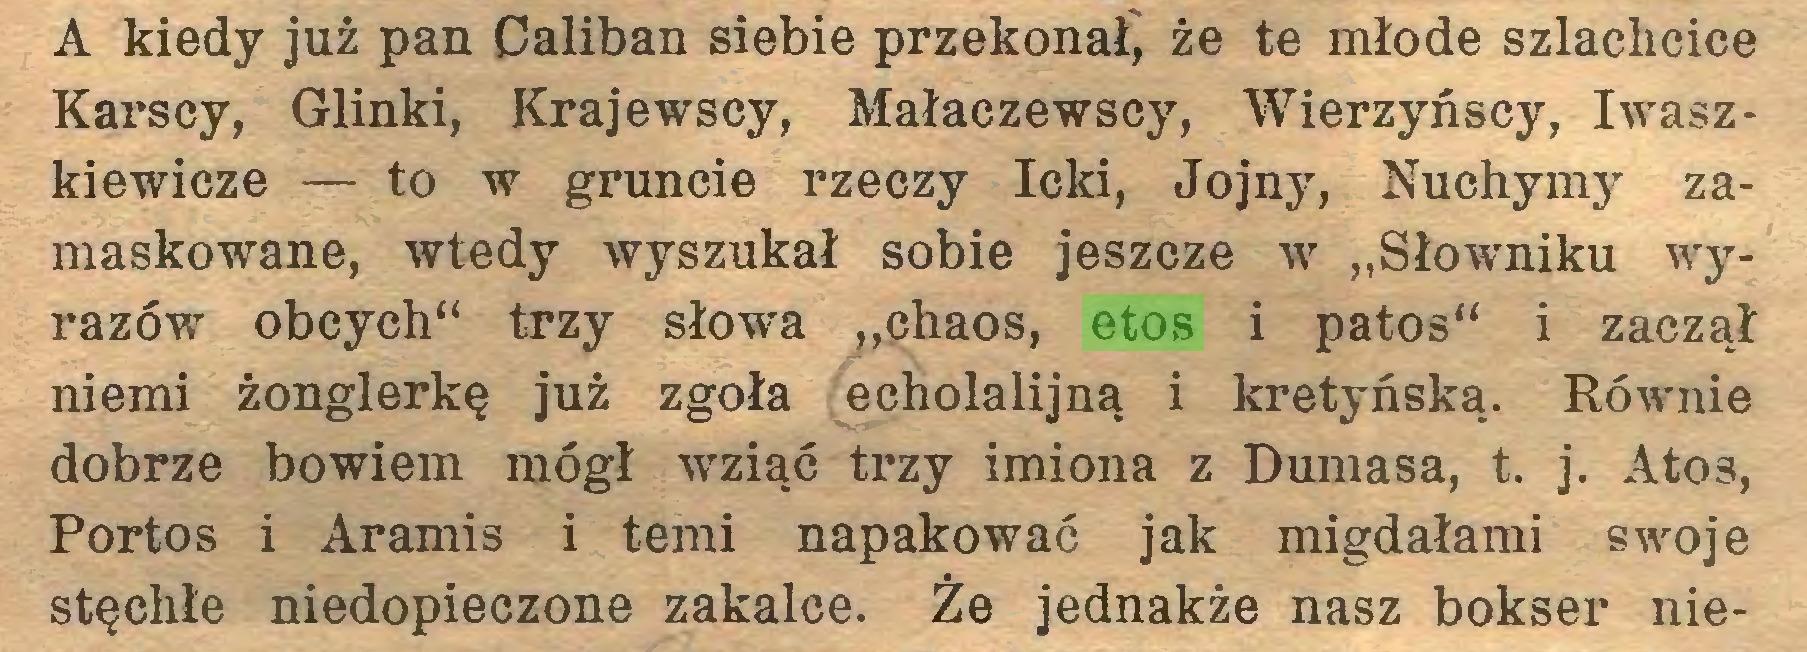 """(...) A kiedy już pan Caliban siebie przekonaj że te młode szlachcice Karscy, Glinki, Krajewscy, Małaczewscy, Wierzyńscy, Iwaszkiewicze — to w gruncie rzeczy leki, Jojny, Nuchymy zamaskowane, wtedy wyszukał sobie jeszcze w """"Słowniku wyrazów obcych"""" trzy słowa """"chaos, etos i patos"""" i zaczął niemi żonglerkę już zgoła echolalijną i kretyńską. Równie dobrze bowiem mógł wziąć trzy imiona z Dumasa, t. j. Atos, Portos i Aramis i temi napakować jak migdałami swoje stęchłe niedopieczone zakalce. Że jednakże nasz bokser nie..."""